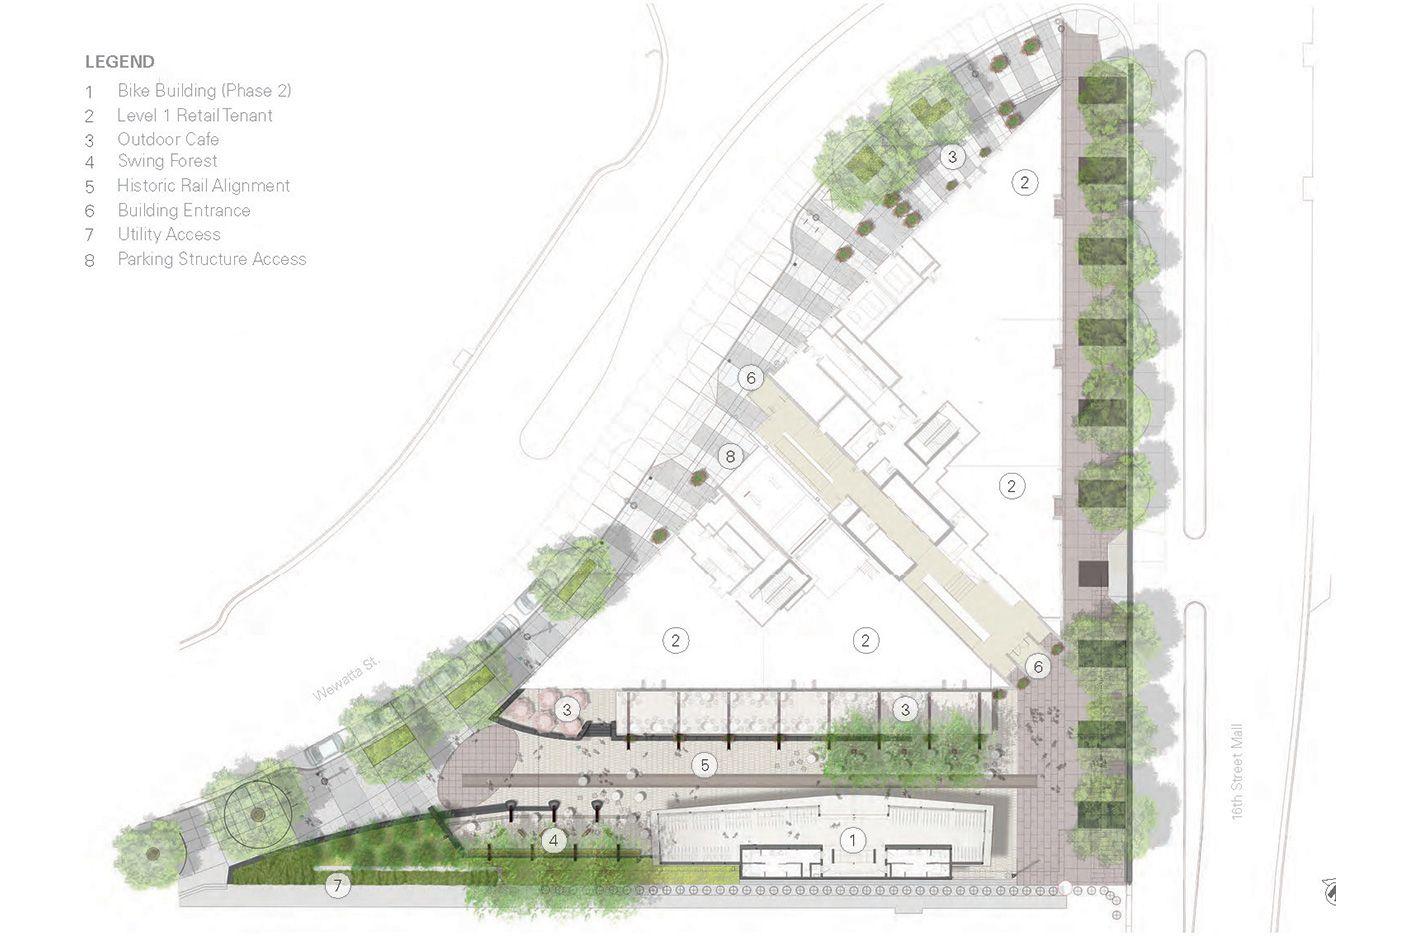 Triangle Plaza, Denver, Colorado Urban planning